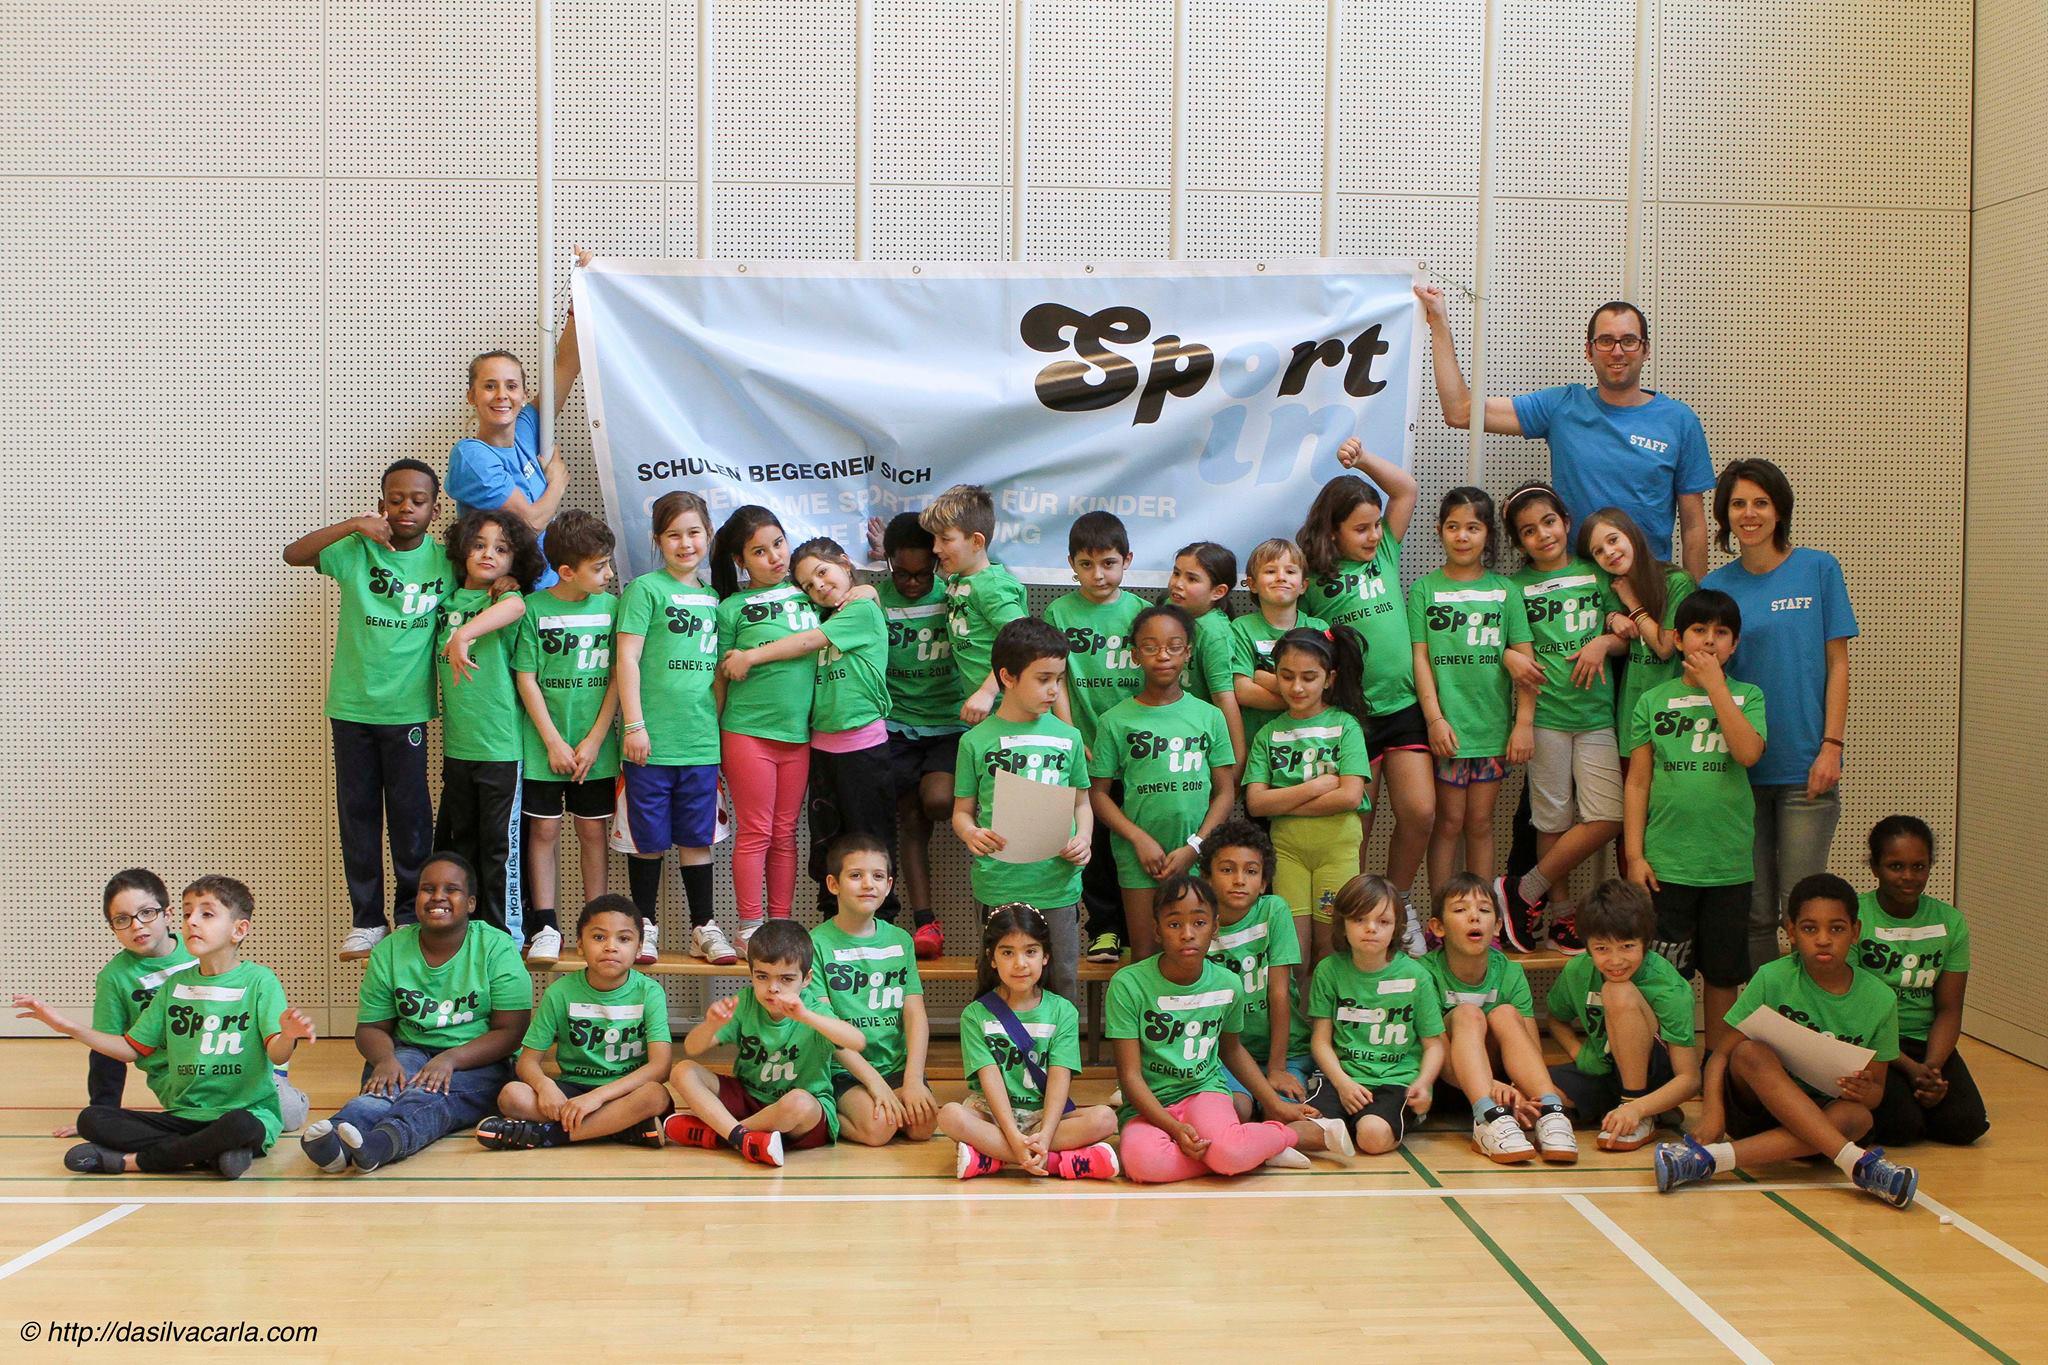 Les 33 participants de Sportin posent avec trois adultes présents lors de cette journée pour une photo d'équipe. Photo de Carla da Silva - http://dasilvacarla.com/